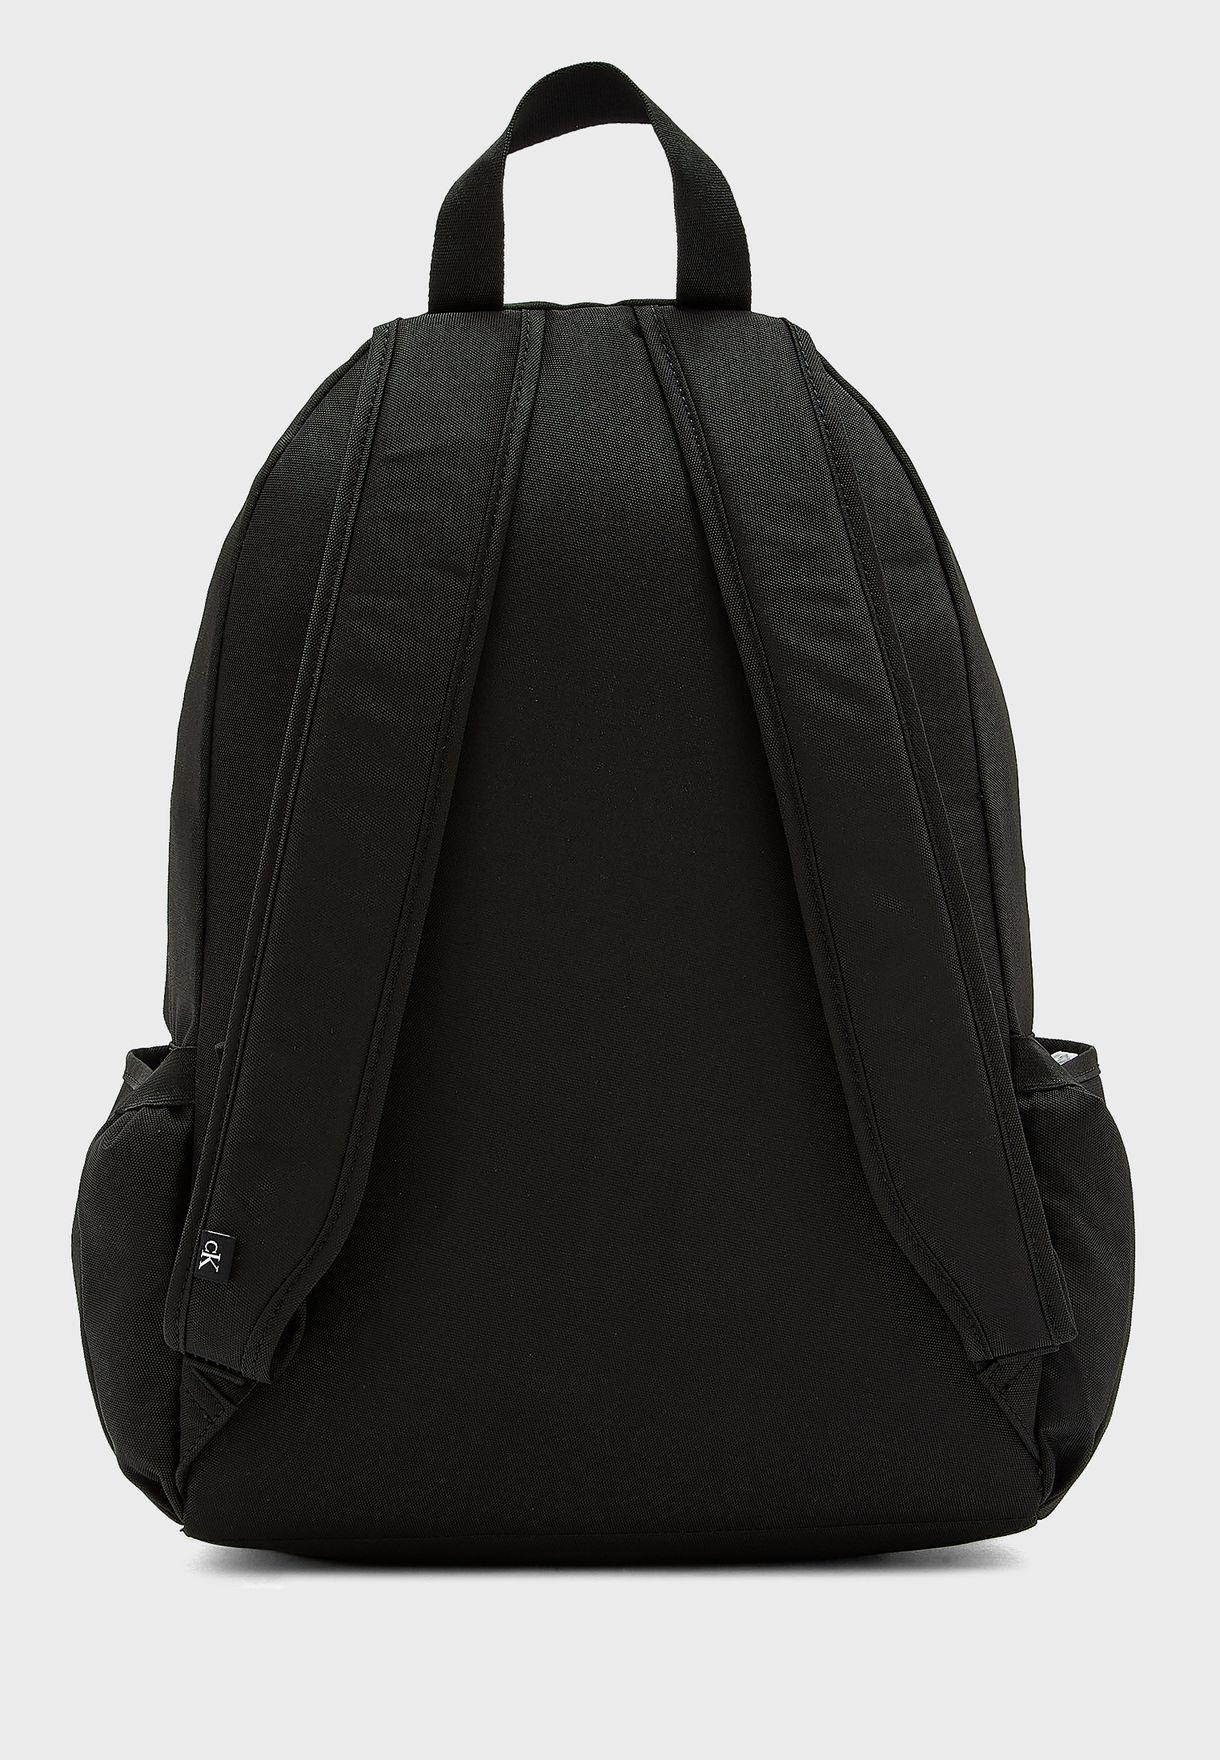 Zip Closure Toiletry Bag